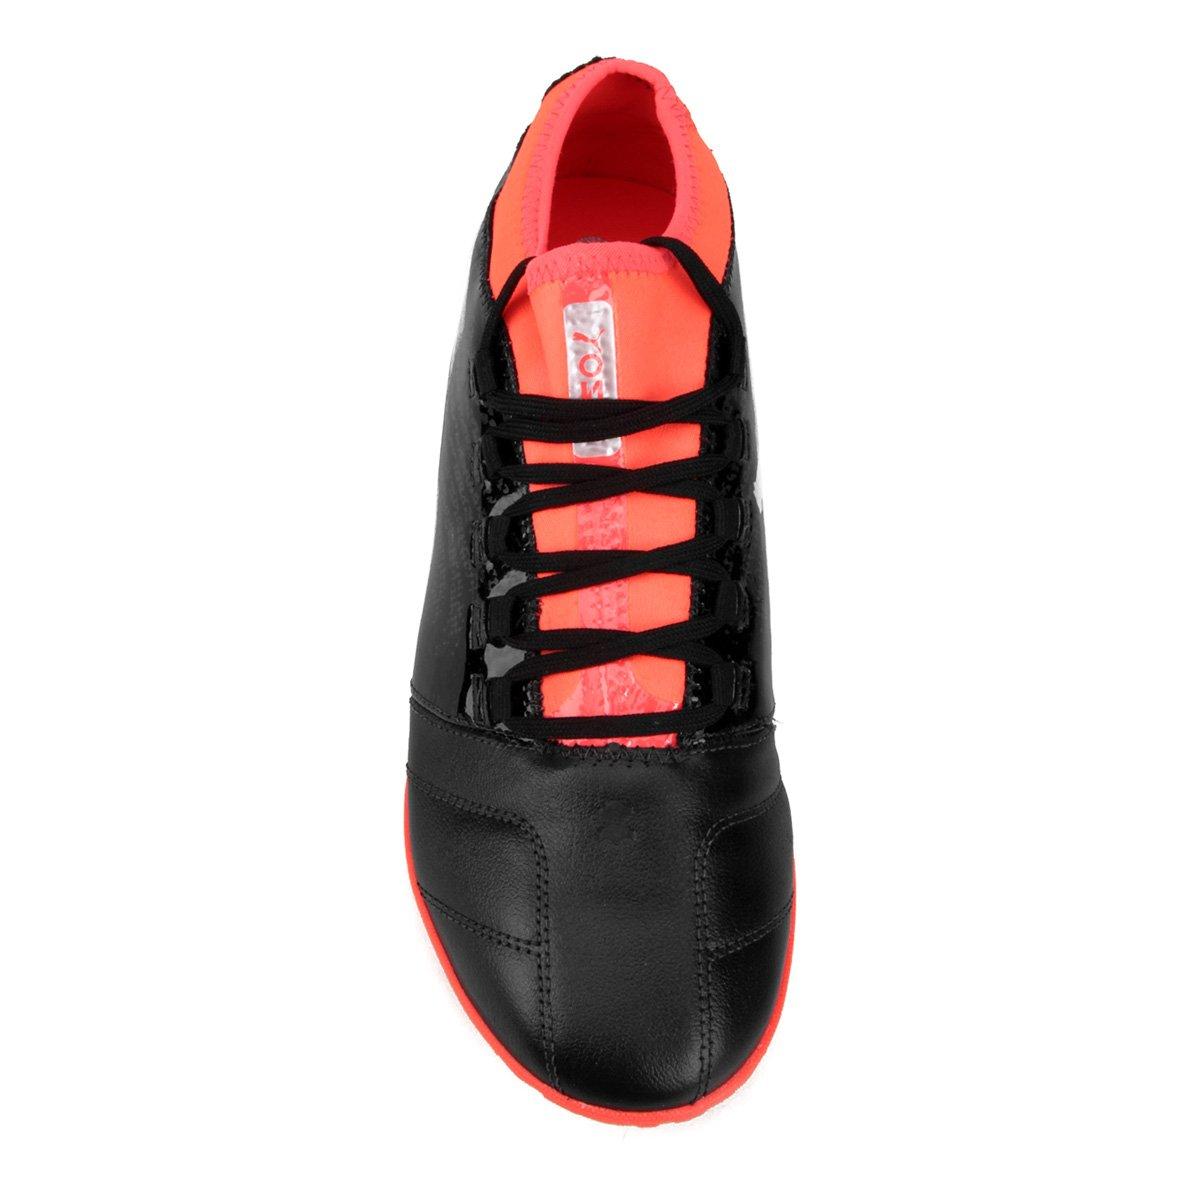 2edede1228 Chuteira Futsal Puma One 18.3 IT BDP - Vermelho - Compre Agora ...